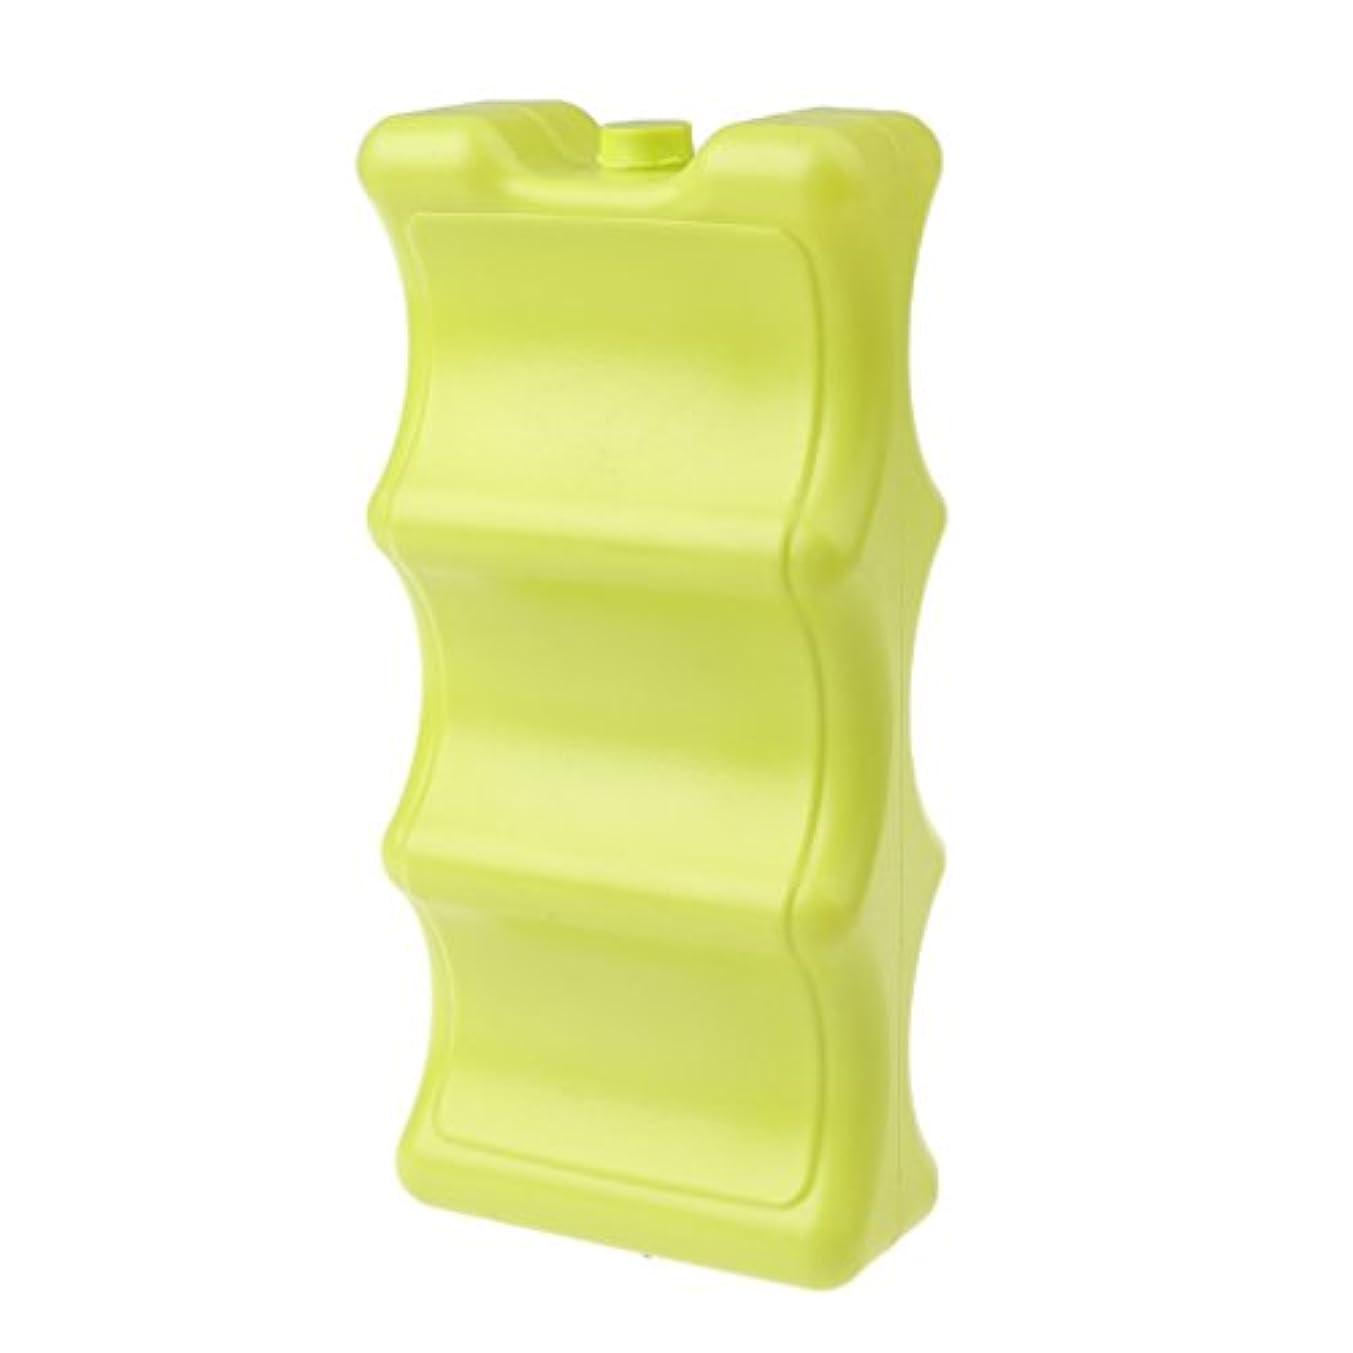 気分が良い牧草地チキンFityle プラスチック製 氷ブロックケース キャンプ ピクニック用 クーラーボックス 全2色